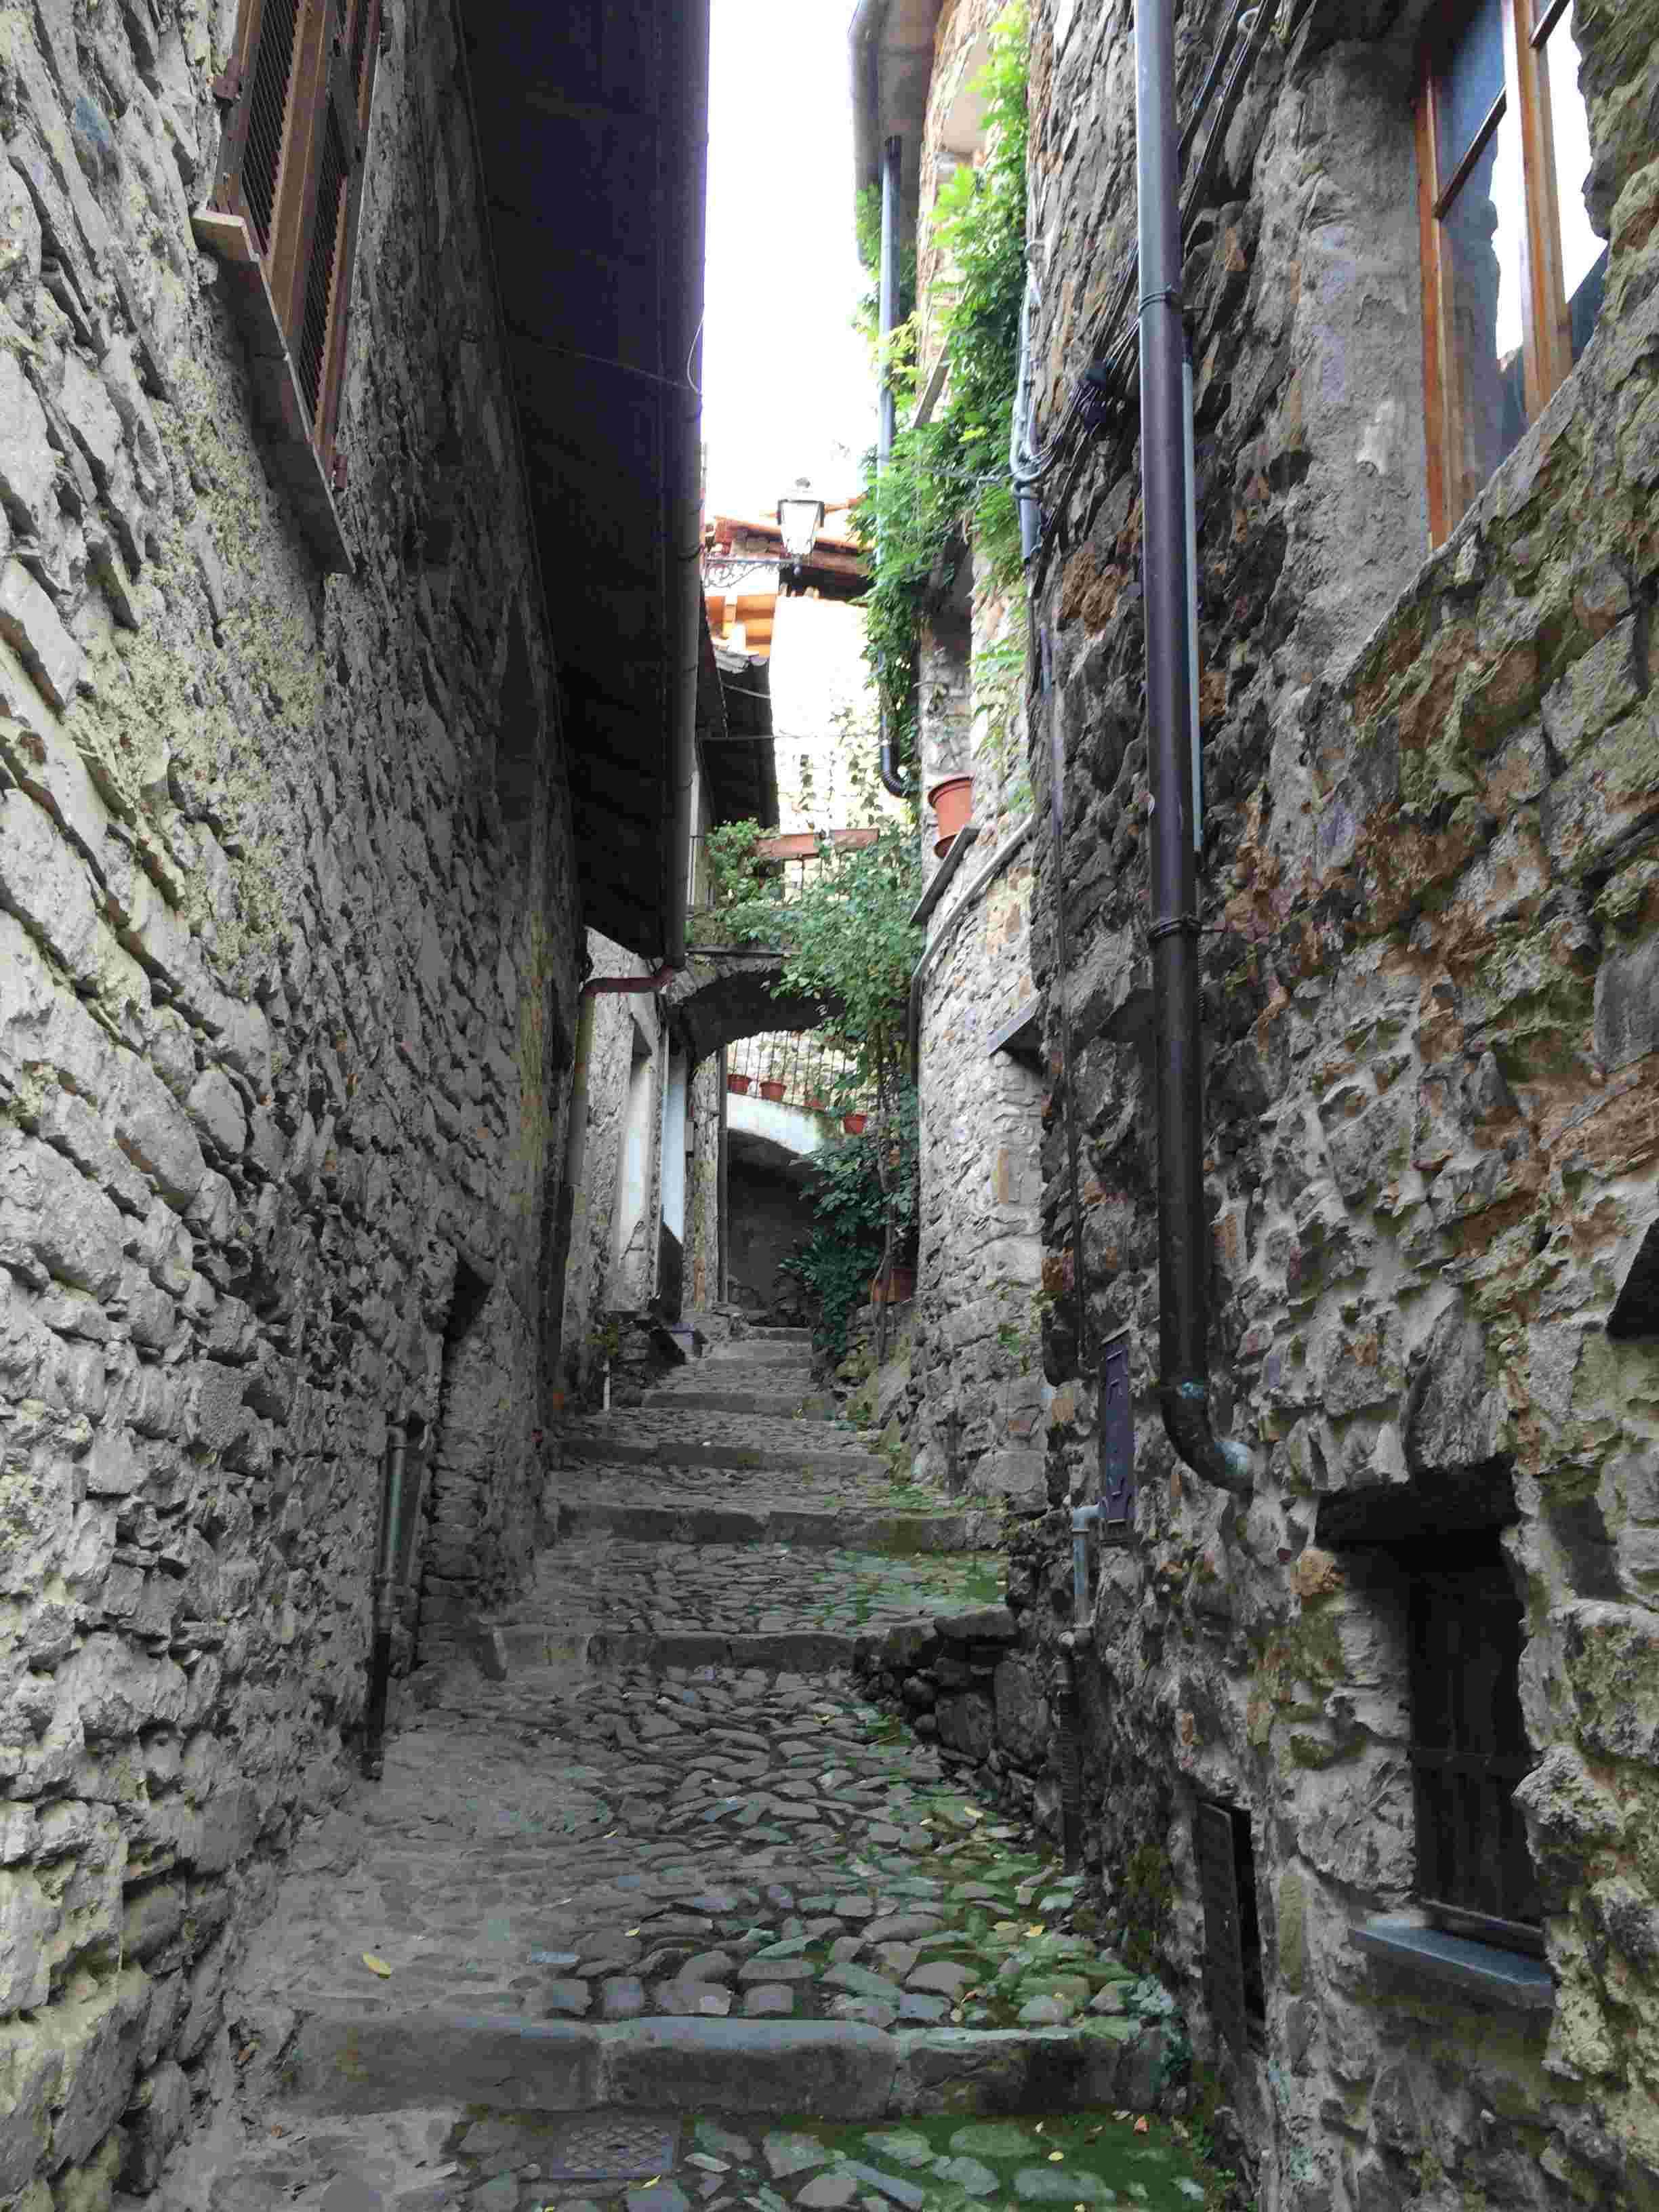 Apricale, le plus beau village d'Italie Aprica33